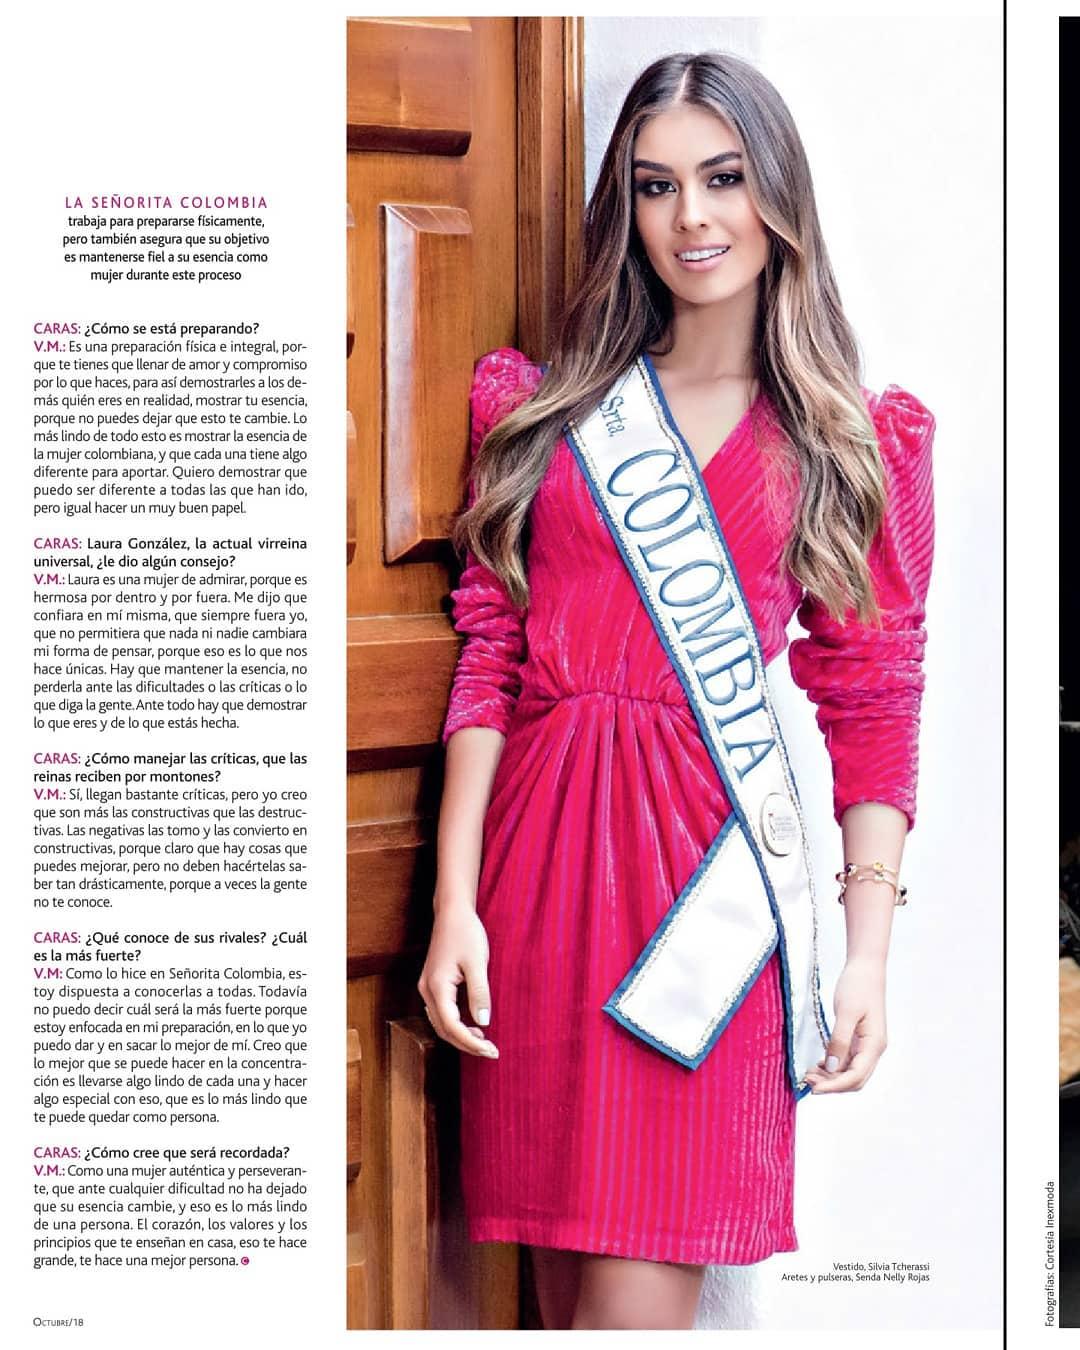 valeria morales, miss colombia universo 2018. - Página 4 43817718